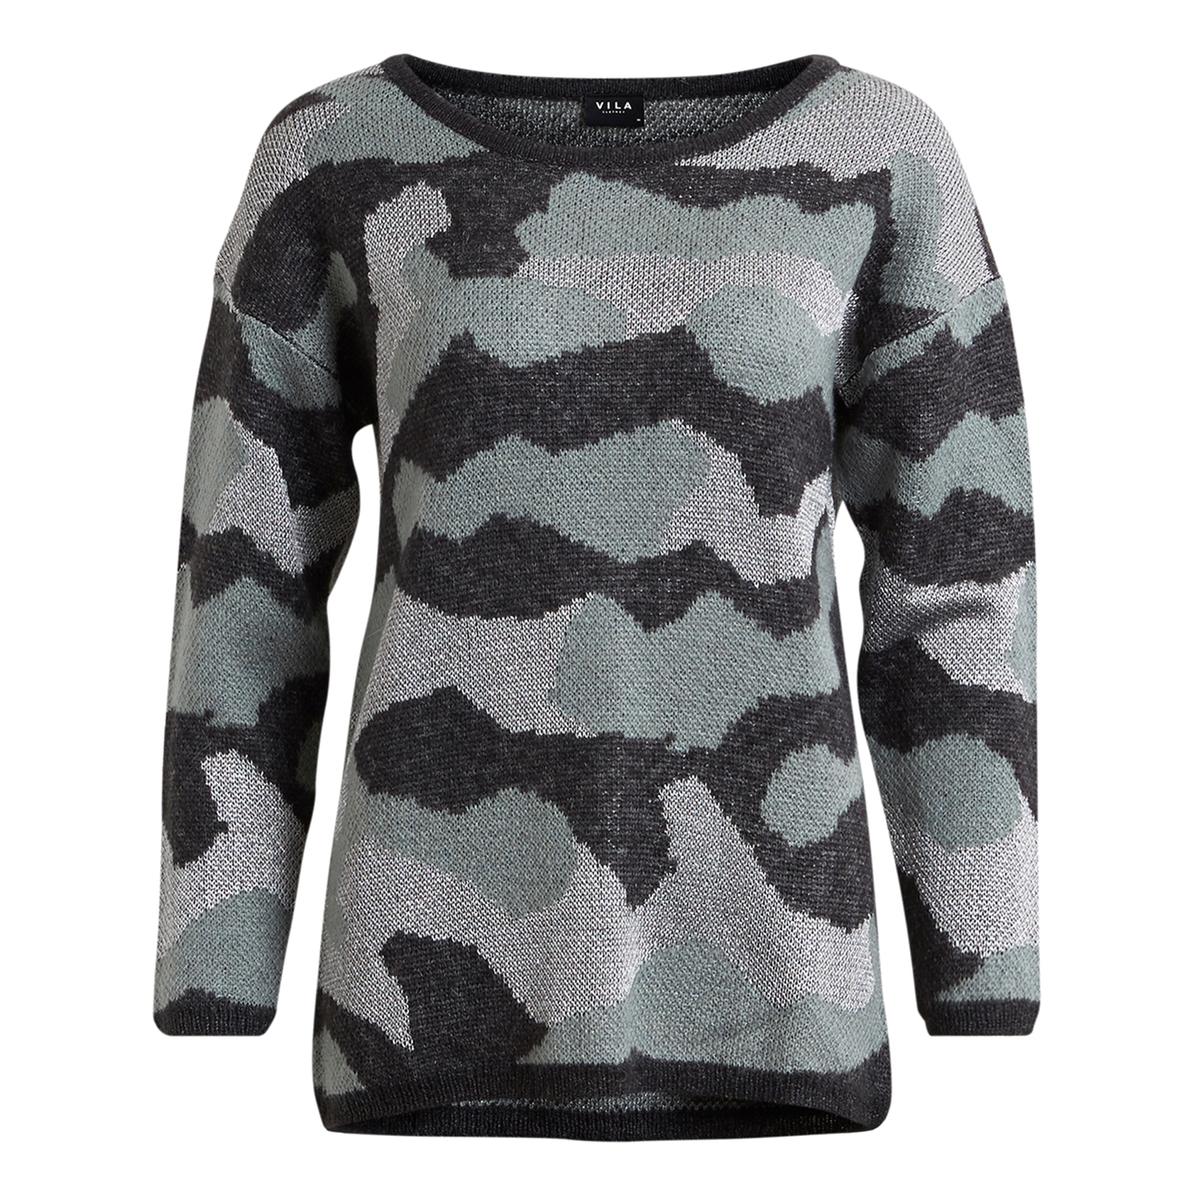 VILANE KNIT TOPПуловер с длинными рукавами VILANE KNIT TOP от VILA. Пуловер прямого покроя. Круглый вырез. С оригинальным камуфляжным рисунком. Состав и описание :Материал : 35% акрила, 30% растительных волокон, 18% полиамида, 11% металлизированных волокон, 3% мохера, 3% шерстиМарка : VILA.<br><br>Цвет: серо-зеленый<br>Размер: M